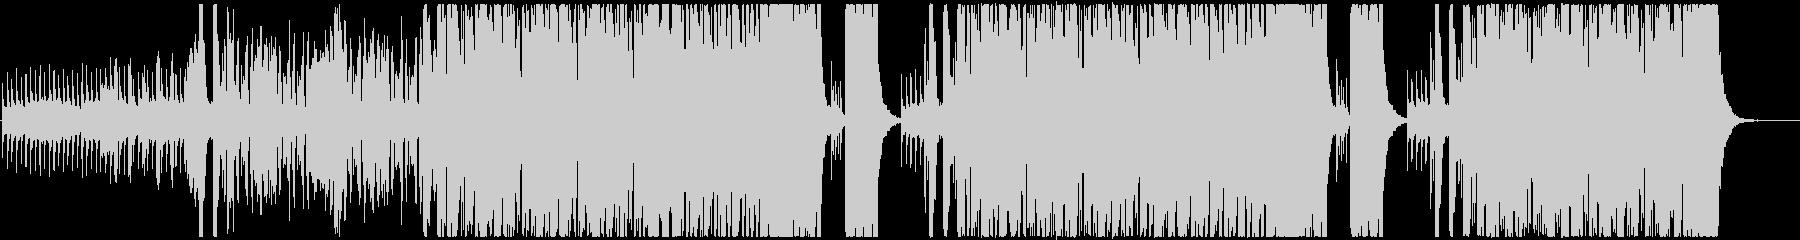 オーケストラ調のハロウィン風BGMの未再生の波形